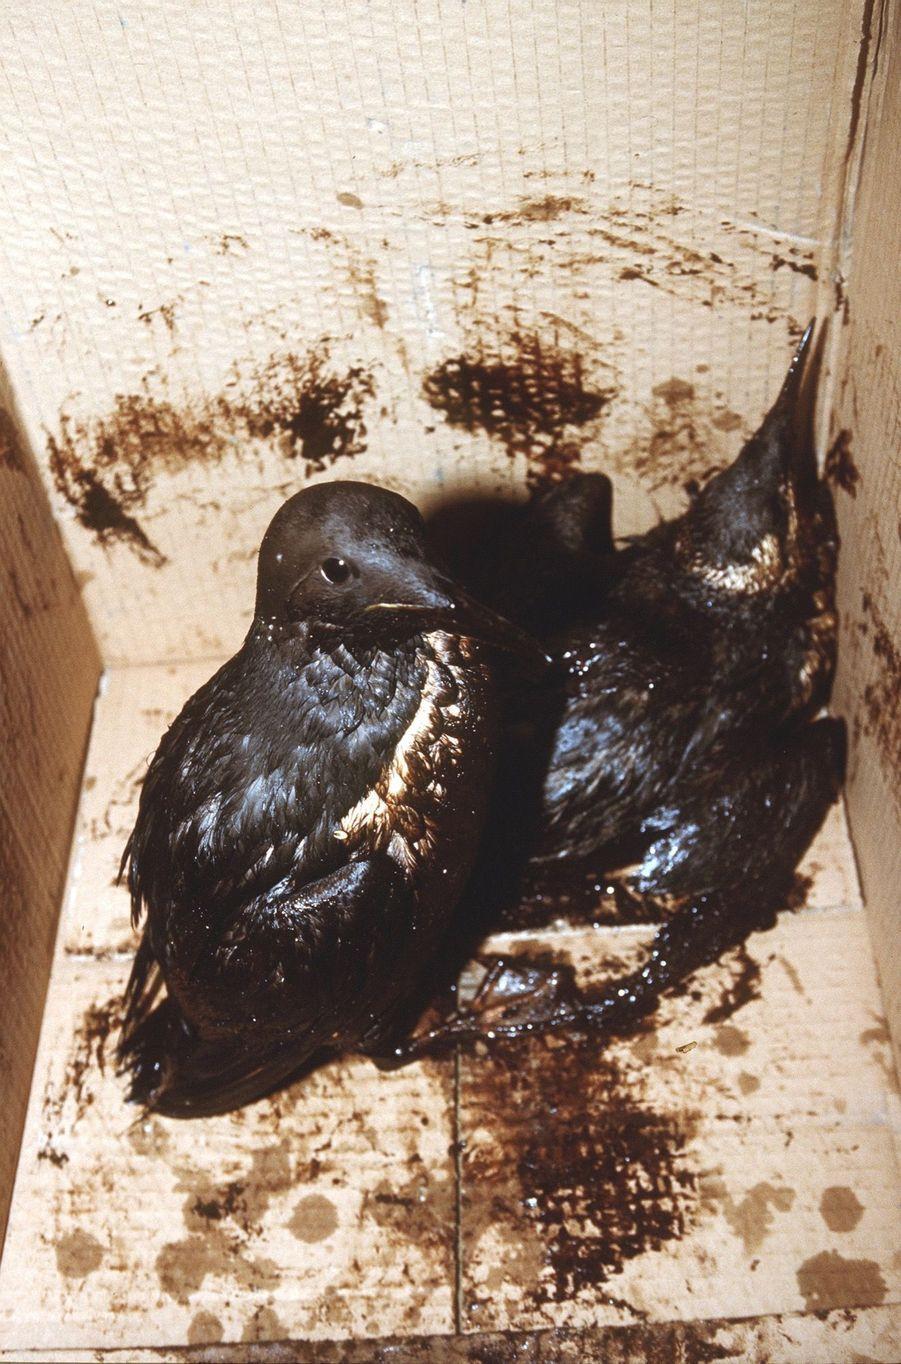 Desoiseaux victimes de la marée noire provoquée par le naufrage du pétrolier Erika, en décembre 1999.